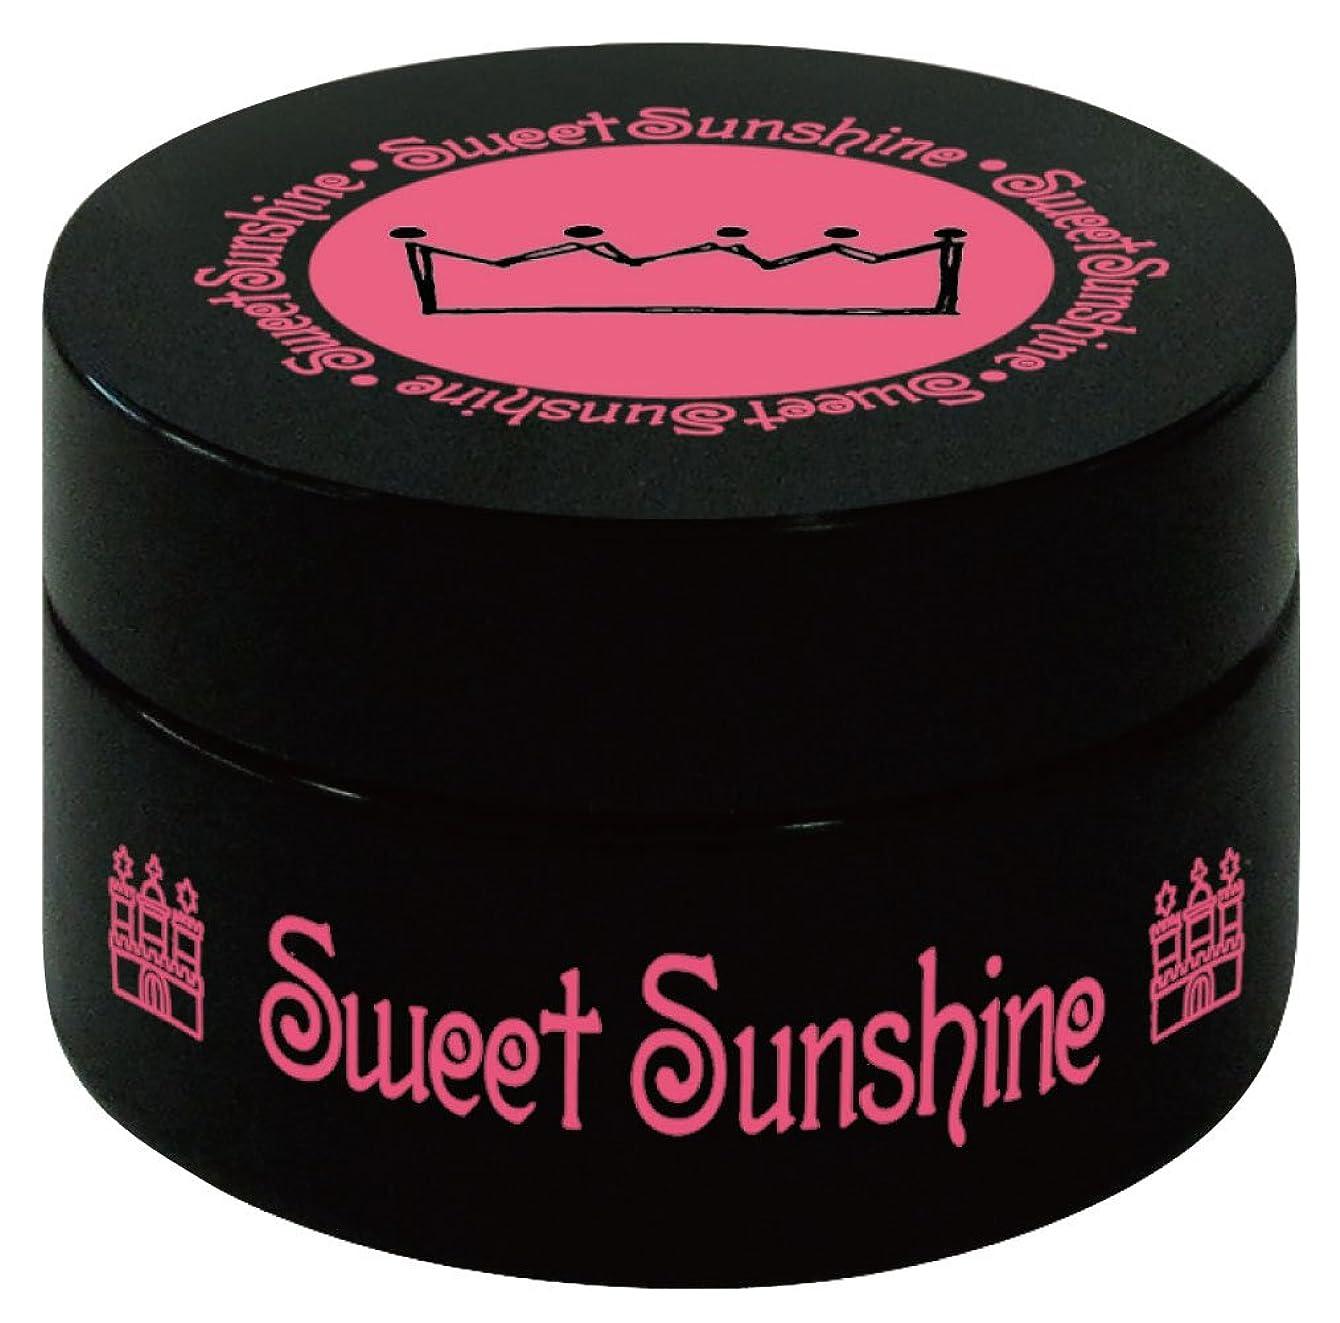 原始的な配当祭り最速硬化LED対応 Sweet Sunshine スィート サンシャイン カラージェル SC-39 4g ベビーピンク